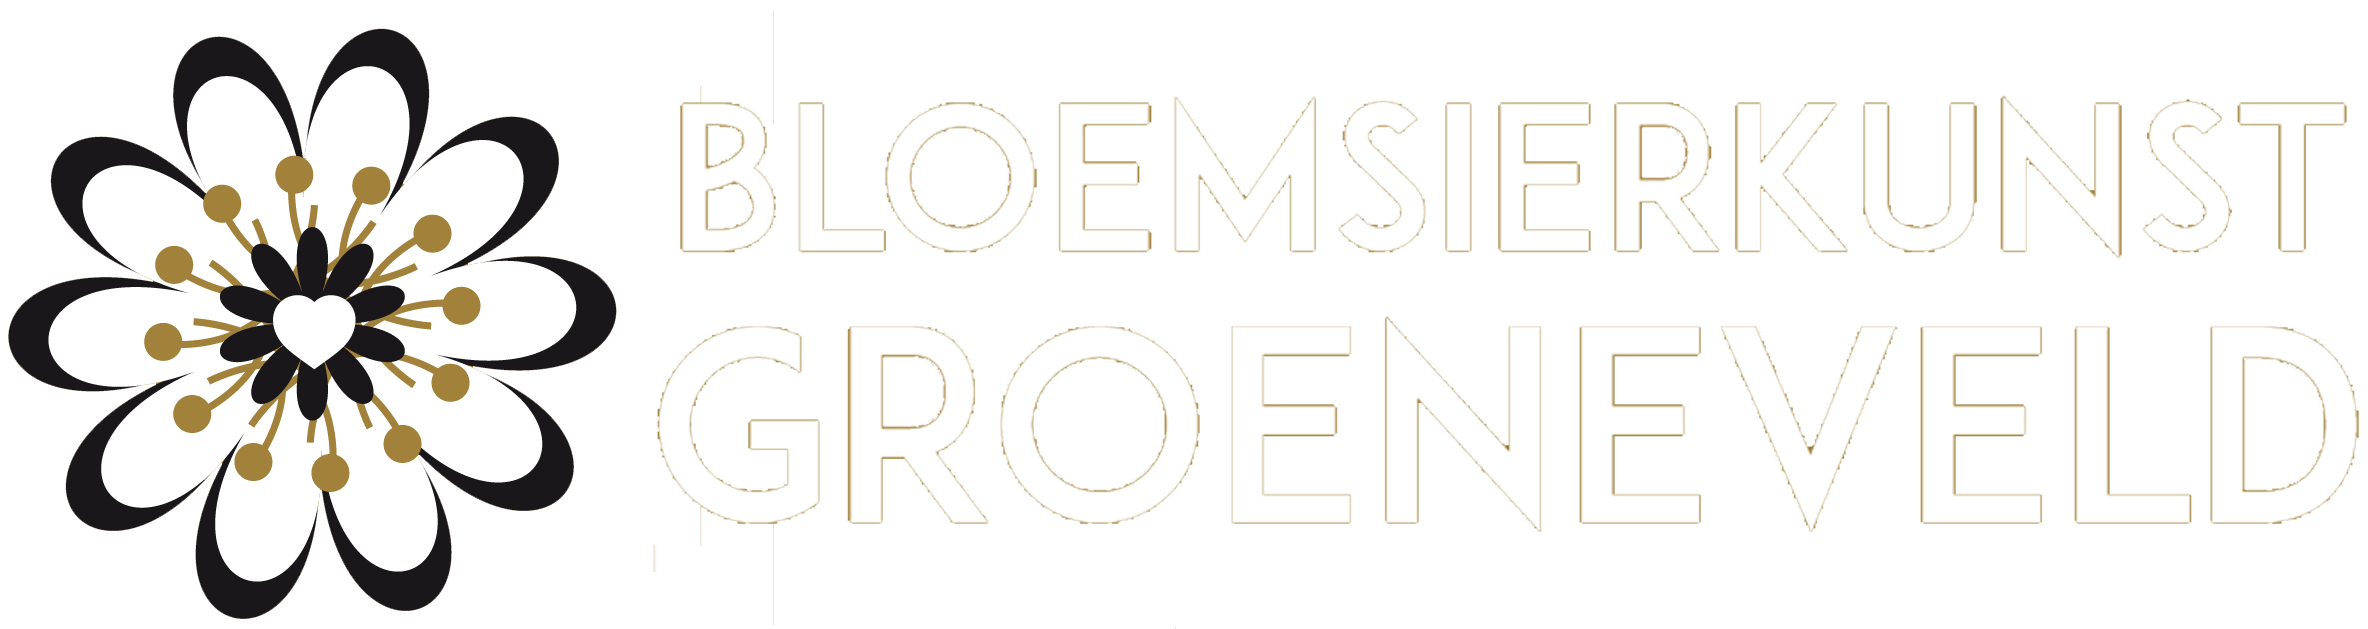 Bloemsierkunst Groeneveld, uw bloemist voor Haren en omgeving van Groningen